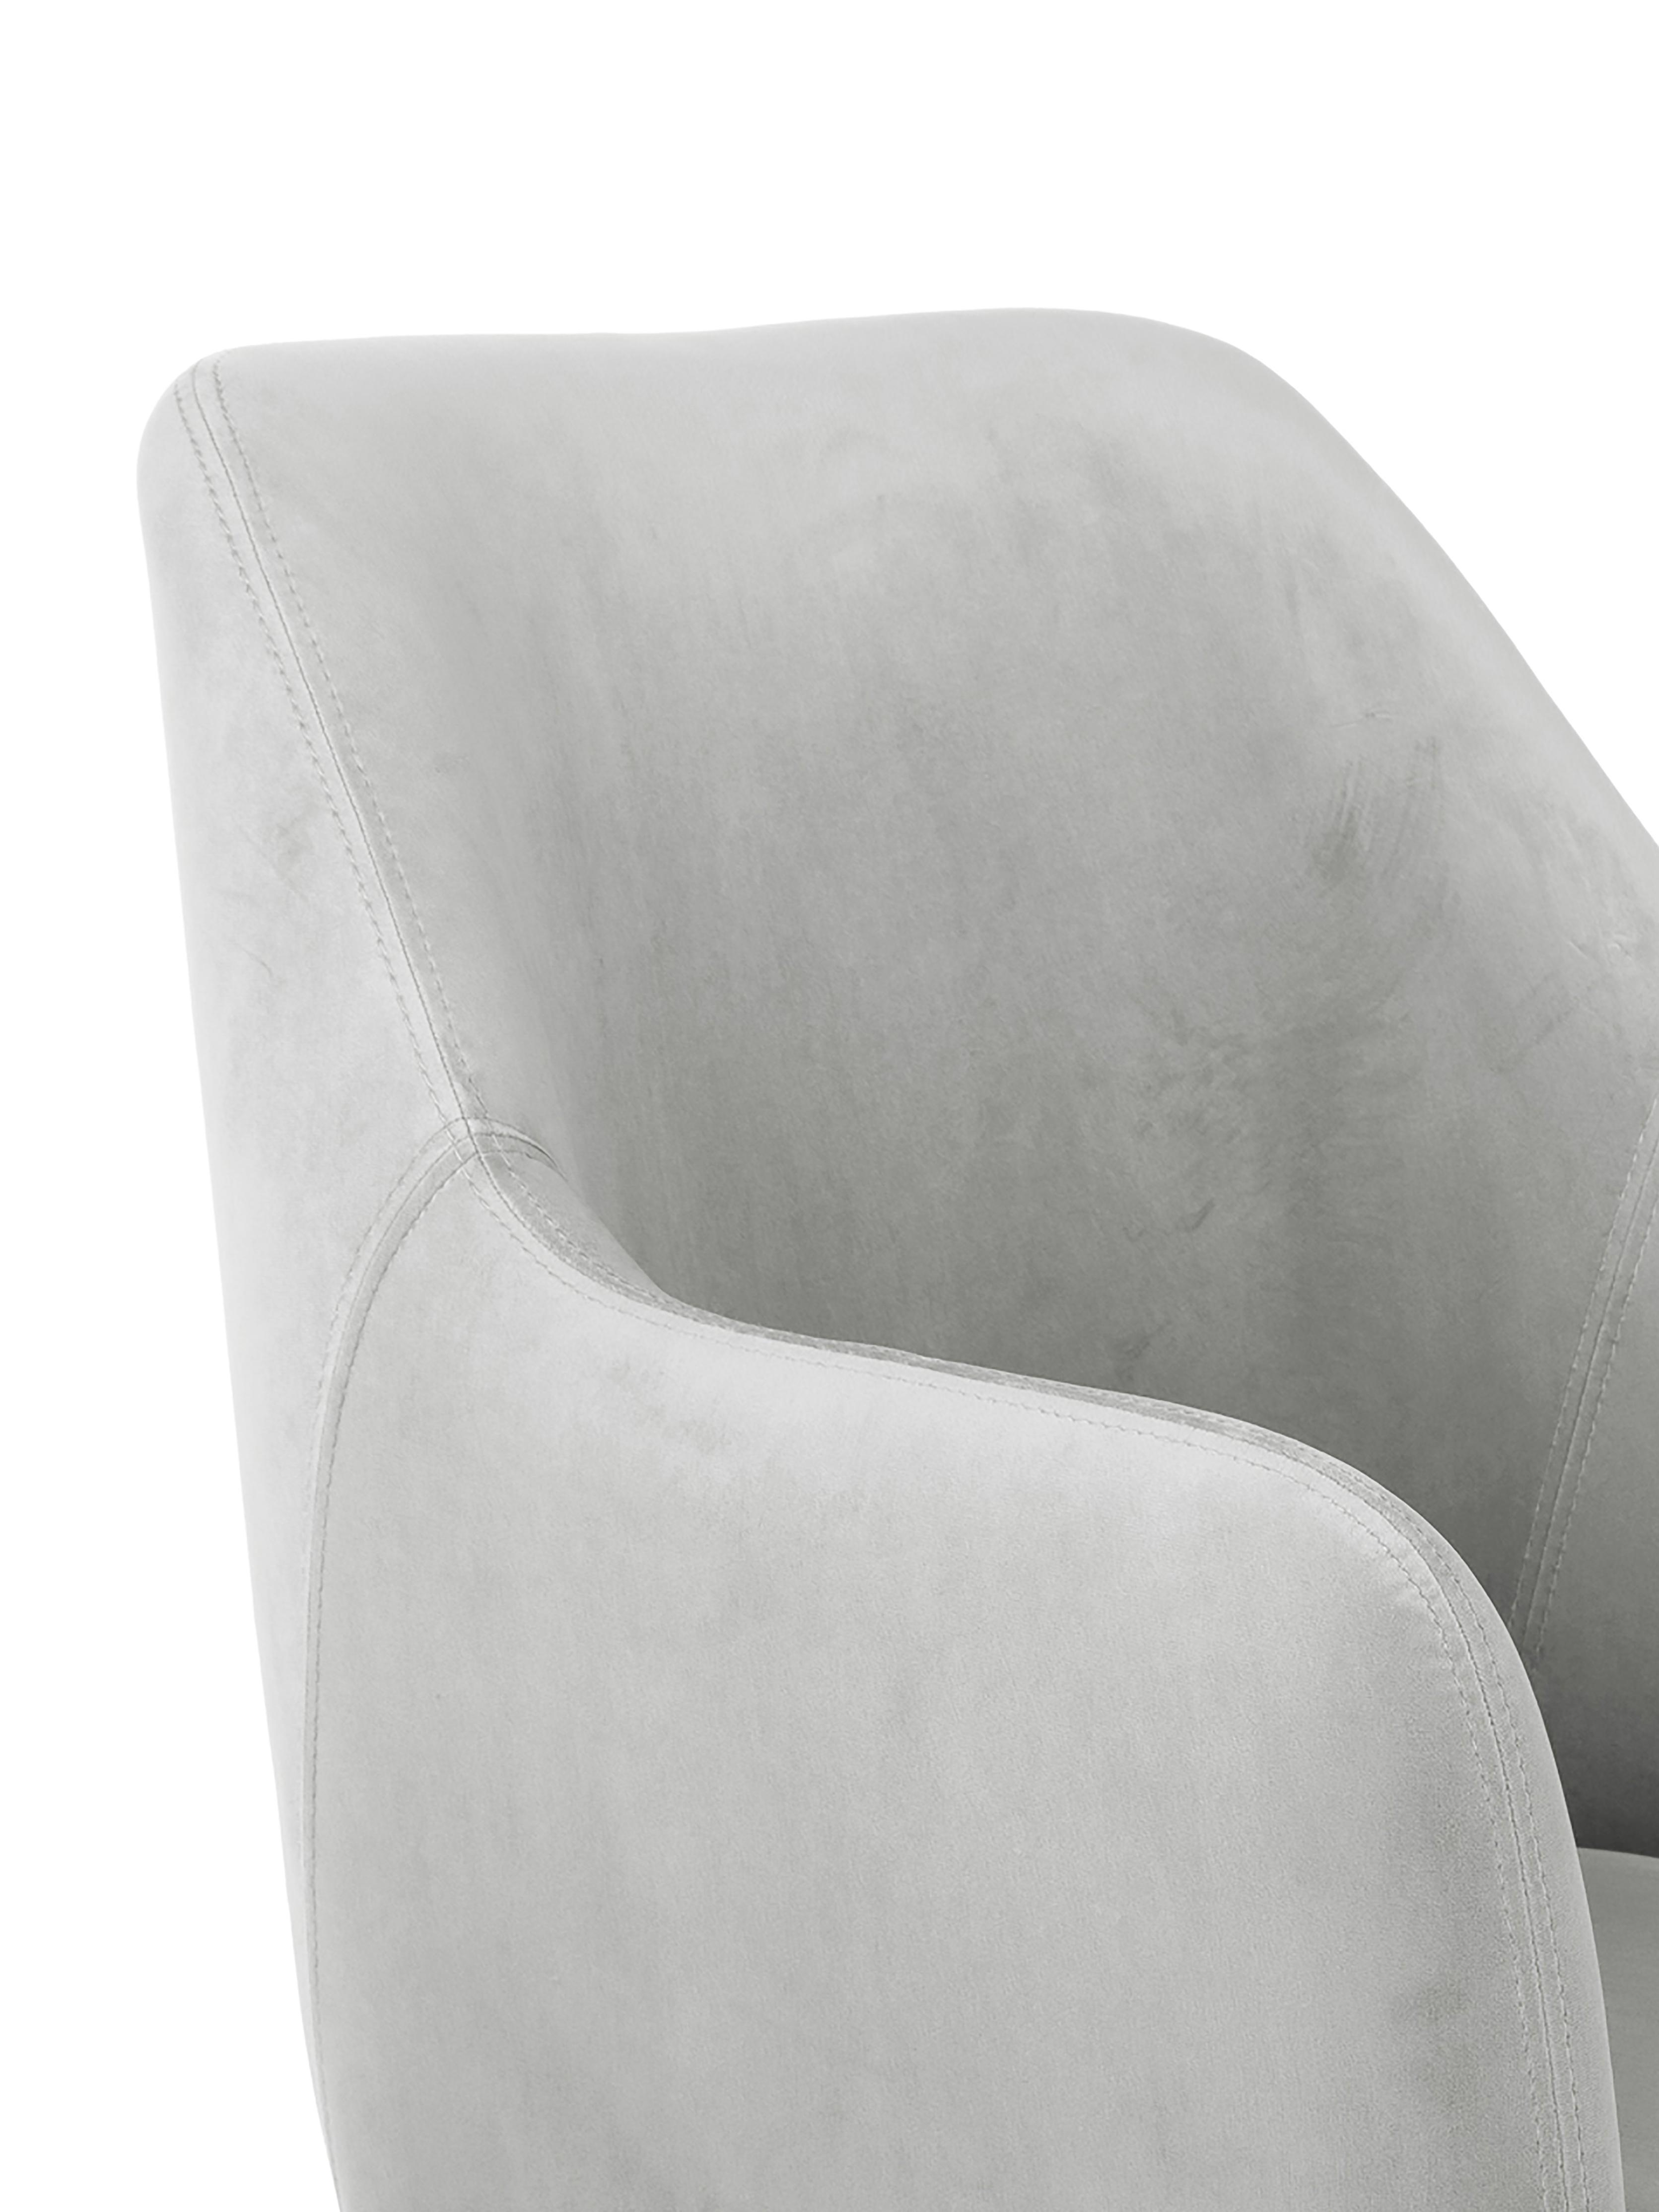 Chaise velours rembourré moderne Isla, Velours gris clair, pieds argent